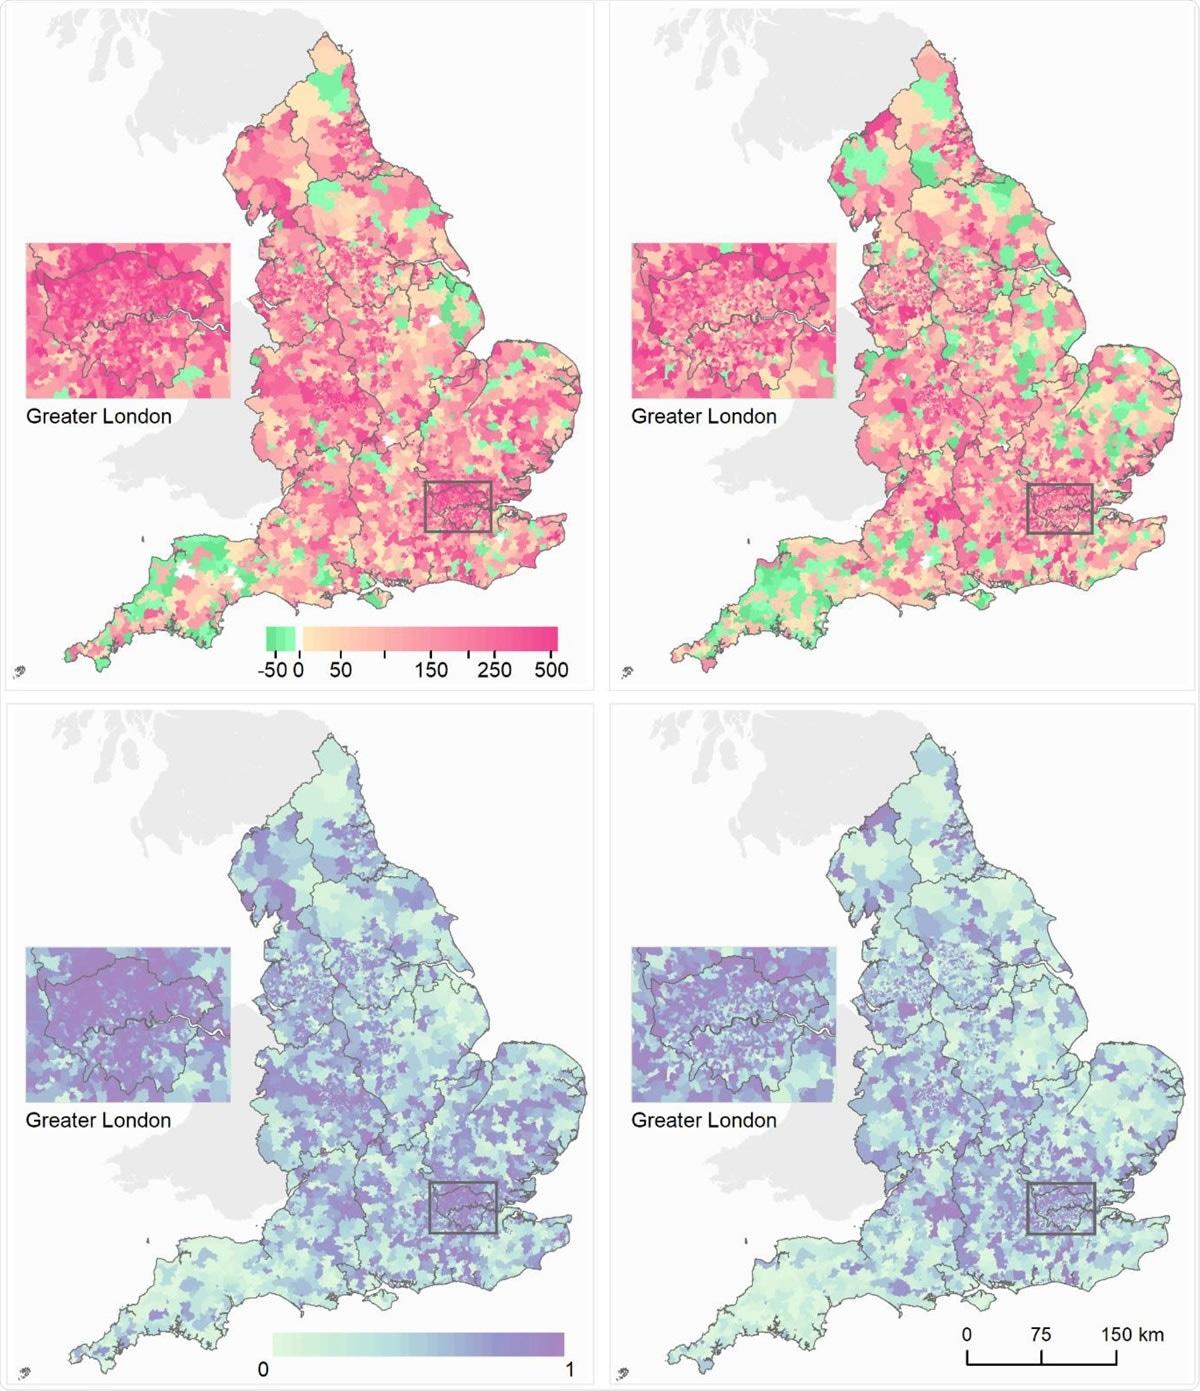 Le mappe delle aree di output eccellenti medie in Inghilterra che mostra le morti in eccesso per 100,000 persone hanno invecchiato 40 anni e più. (A) Le morti in eccesso per 100.000 maschi (lasciati) /females (destra) dal 1° marzo al 31 maggio 2020 hanno confrontato allo stesso periodo per i cinque anni precedenti. (B) probabilità posteriore quella morti in eccesso > 0. Le caratteristiche della Comunità del MSOAs erano: % della popolazione su sostegno al reddito; densità demografica; % della popolazione di colore; % della popolazione che vive nelle case sovraffollate; inquinamento atmosferico (NO2 e PM2.5); case di cura per popolazione 1.000. Mappiamo la probabilità posteriore che misura le dimensioni a cui un preventivo dell